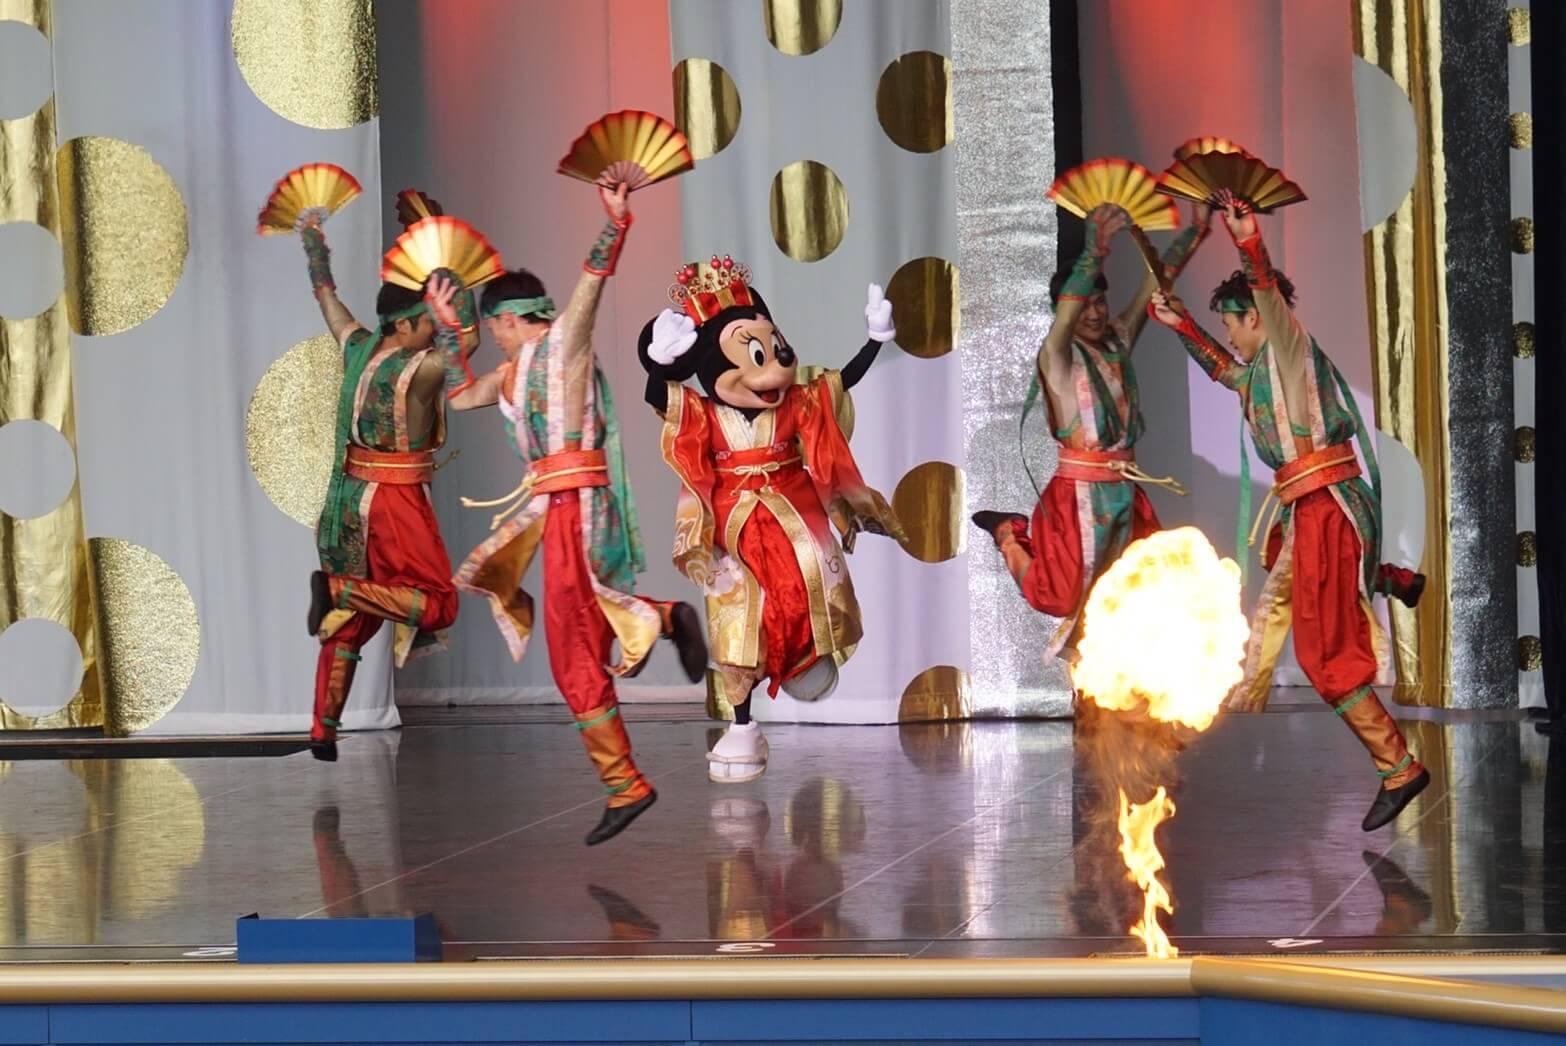 東京ディズニーランド Tokyo Disney Land ベリー・ベリー・ミニー 東京迪士尼樂園 10